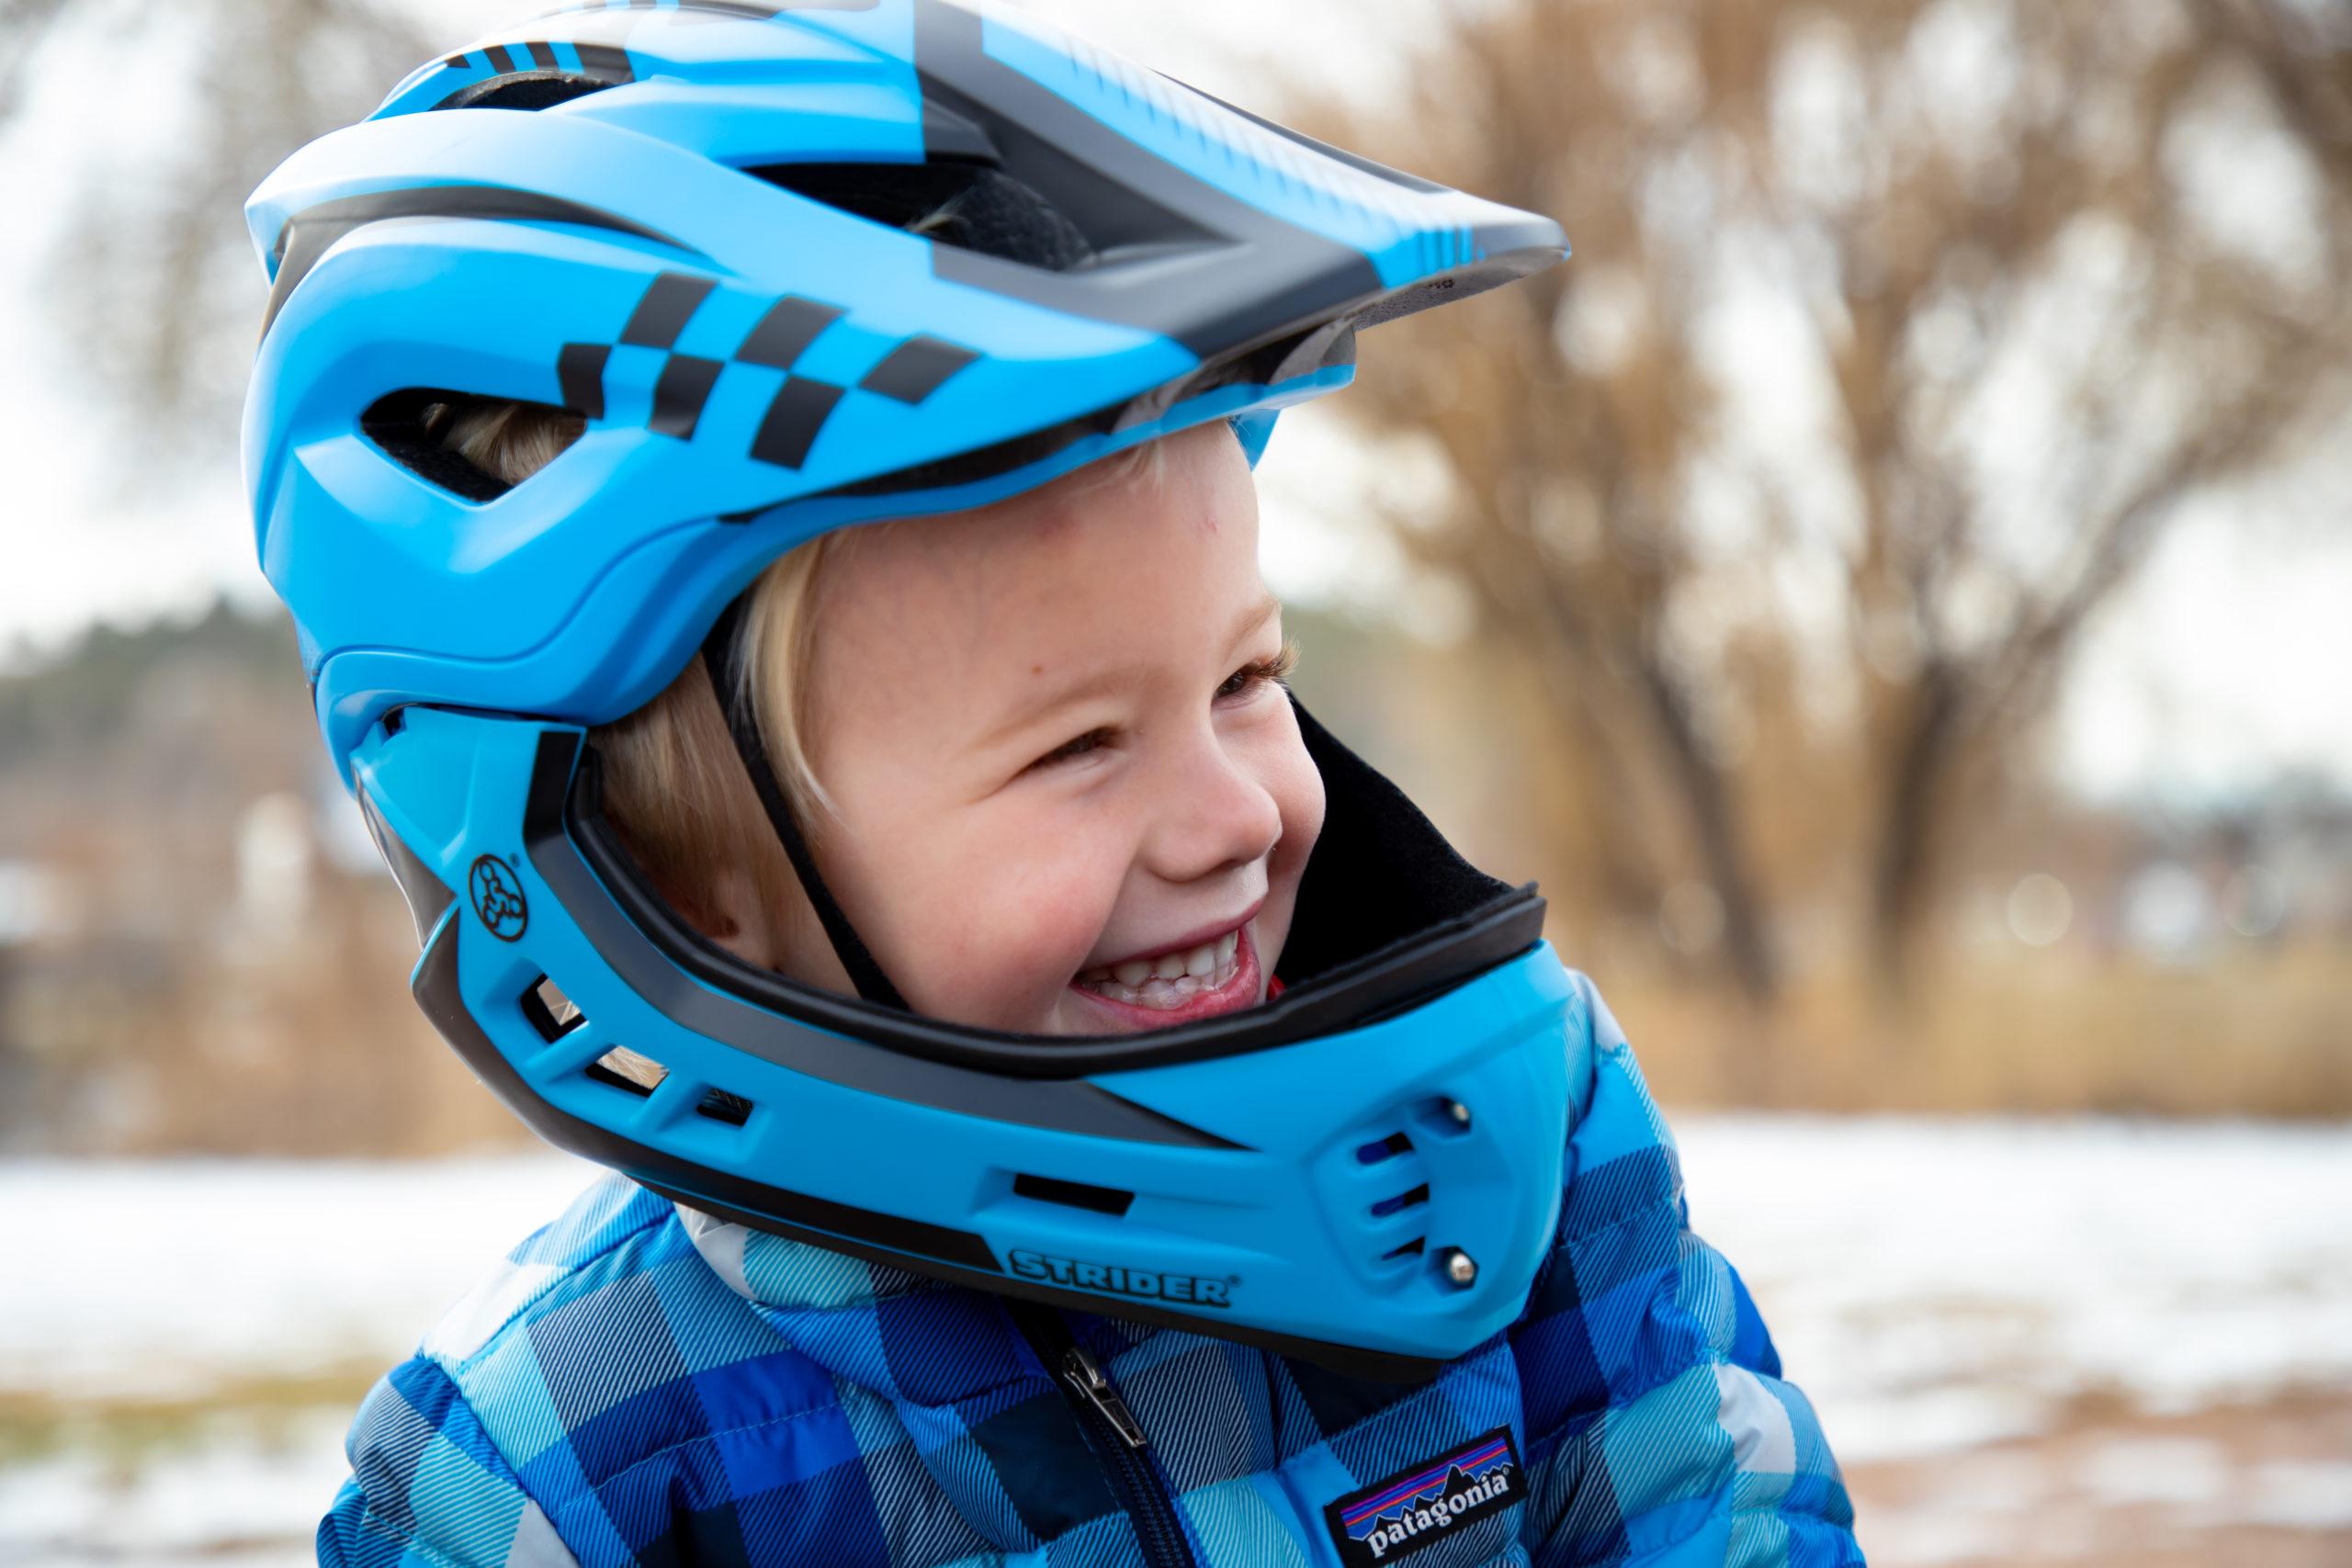 Smiling kid wearing blue ST-R Full-Faced helmet